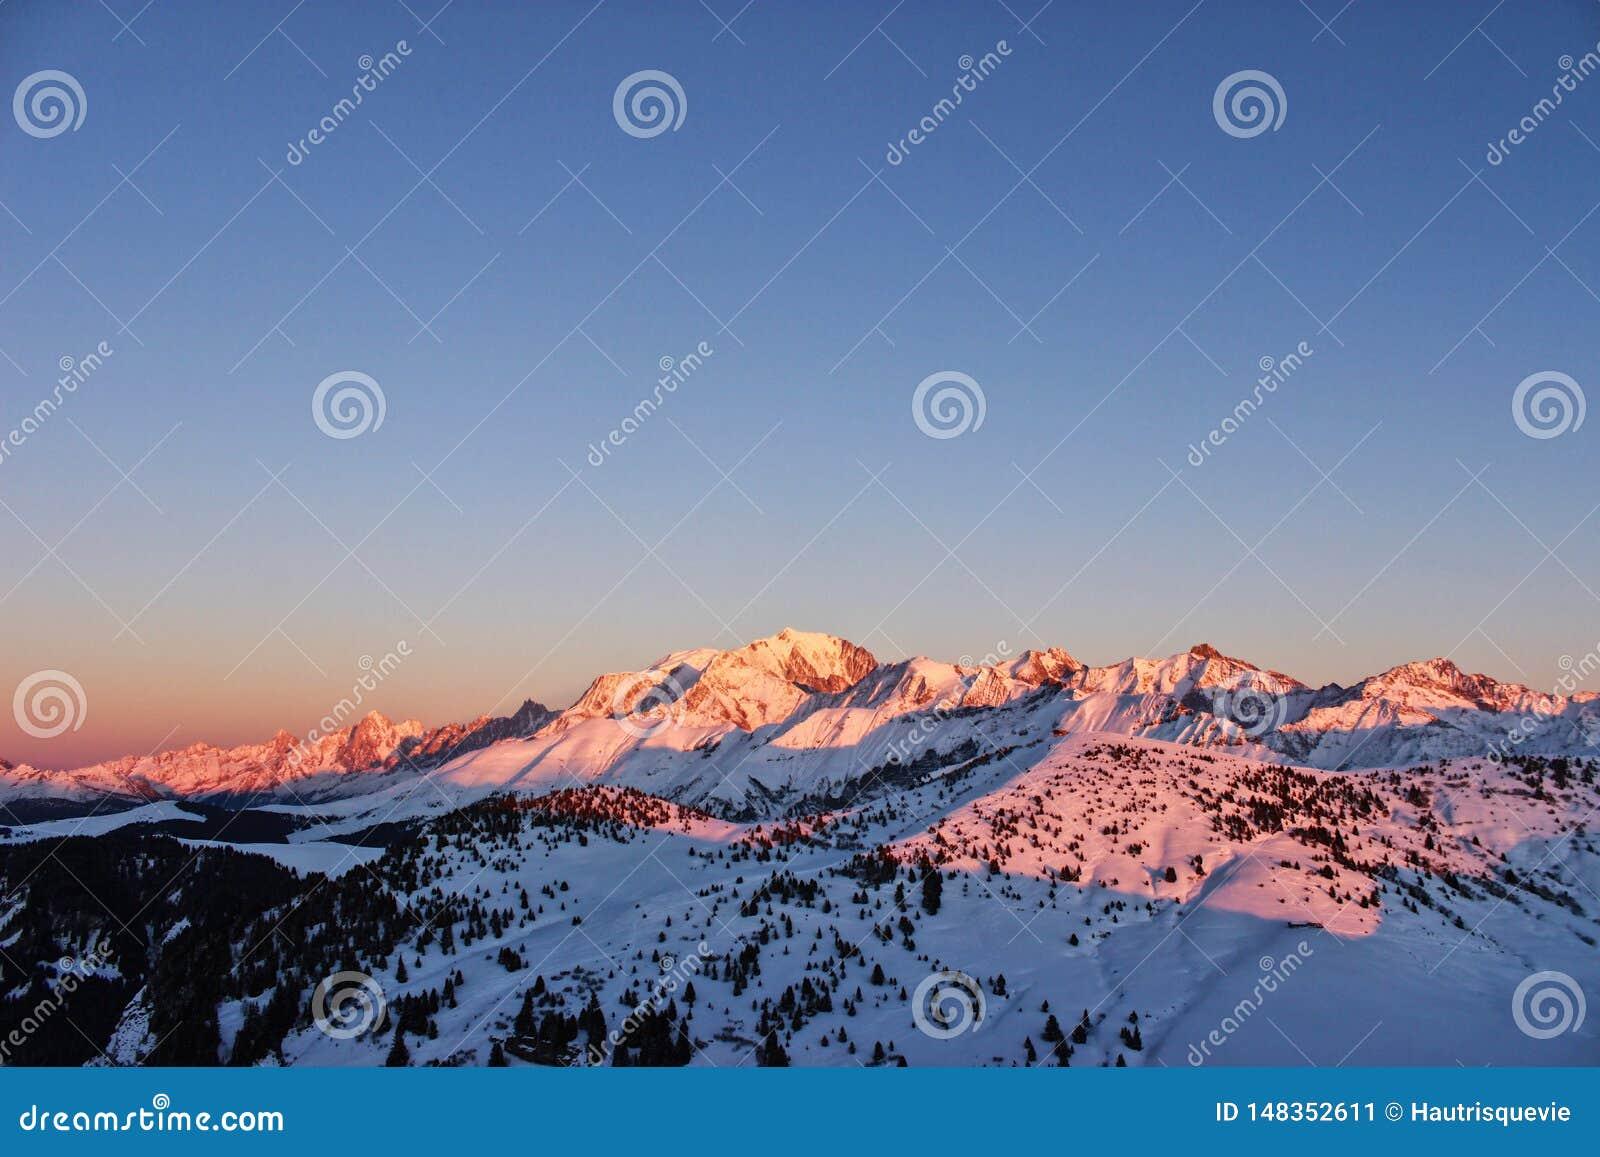 O Monte Branco, com seus amigos